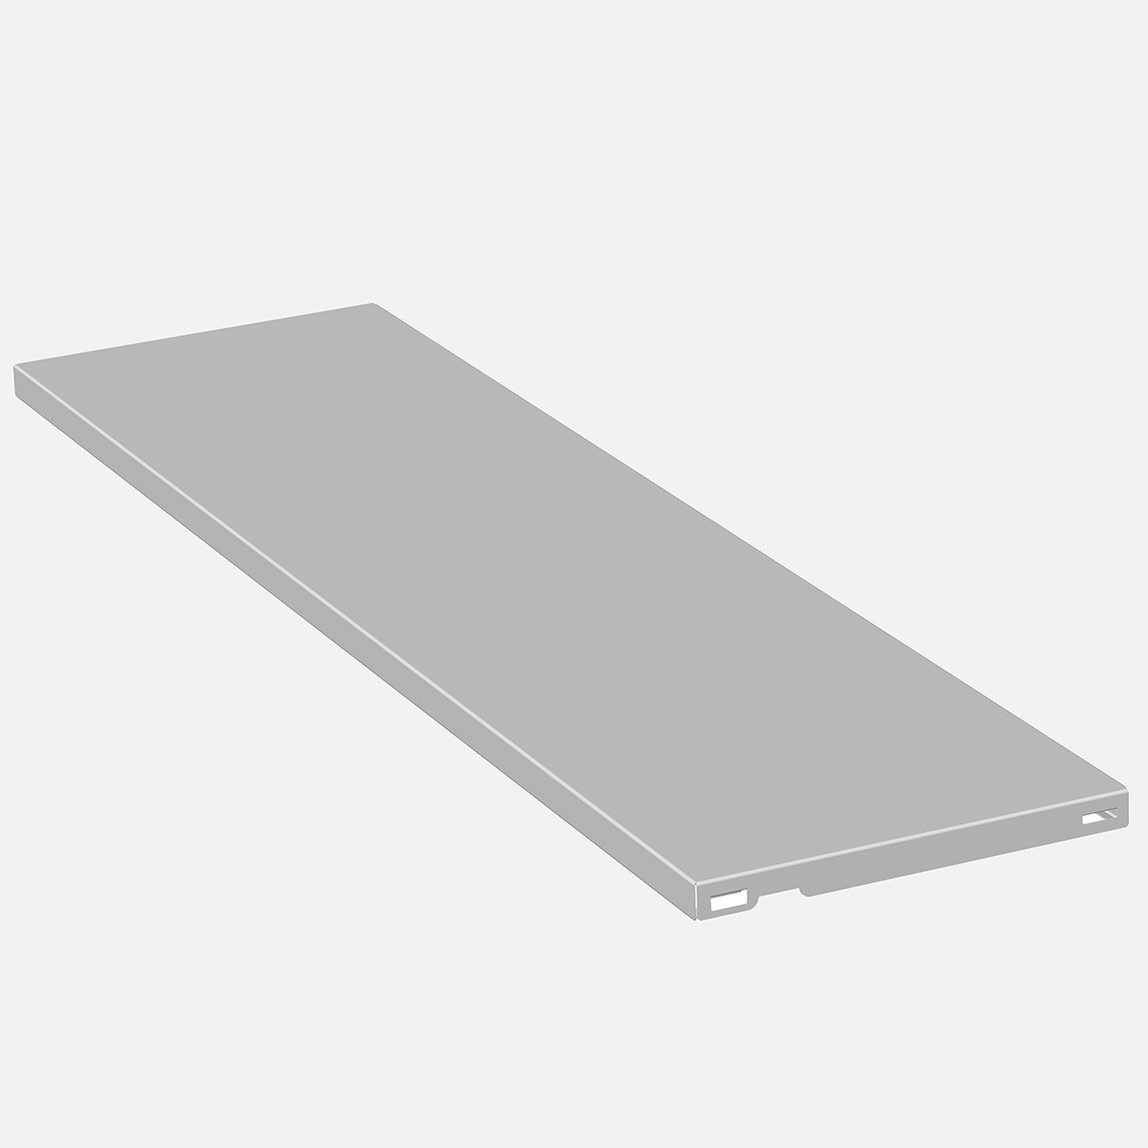 Çelik Raf 800 X 250 mm (Beyaz)